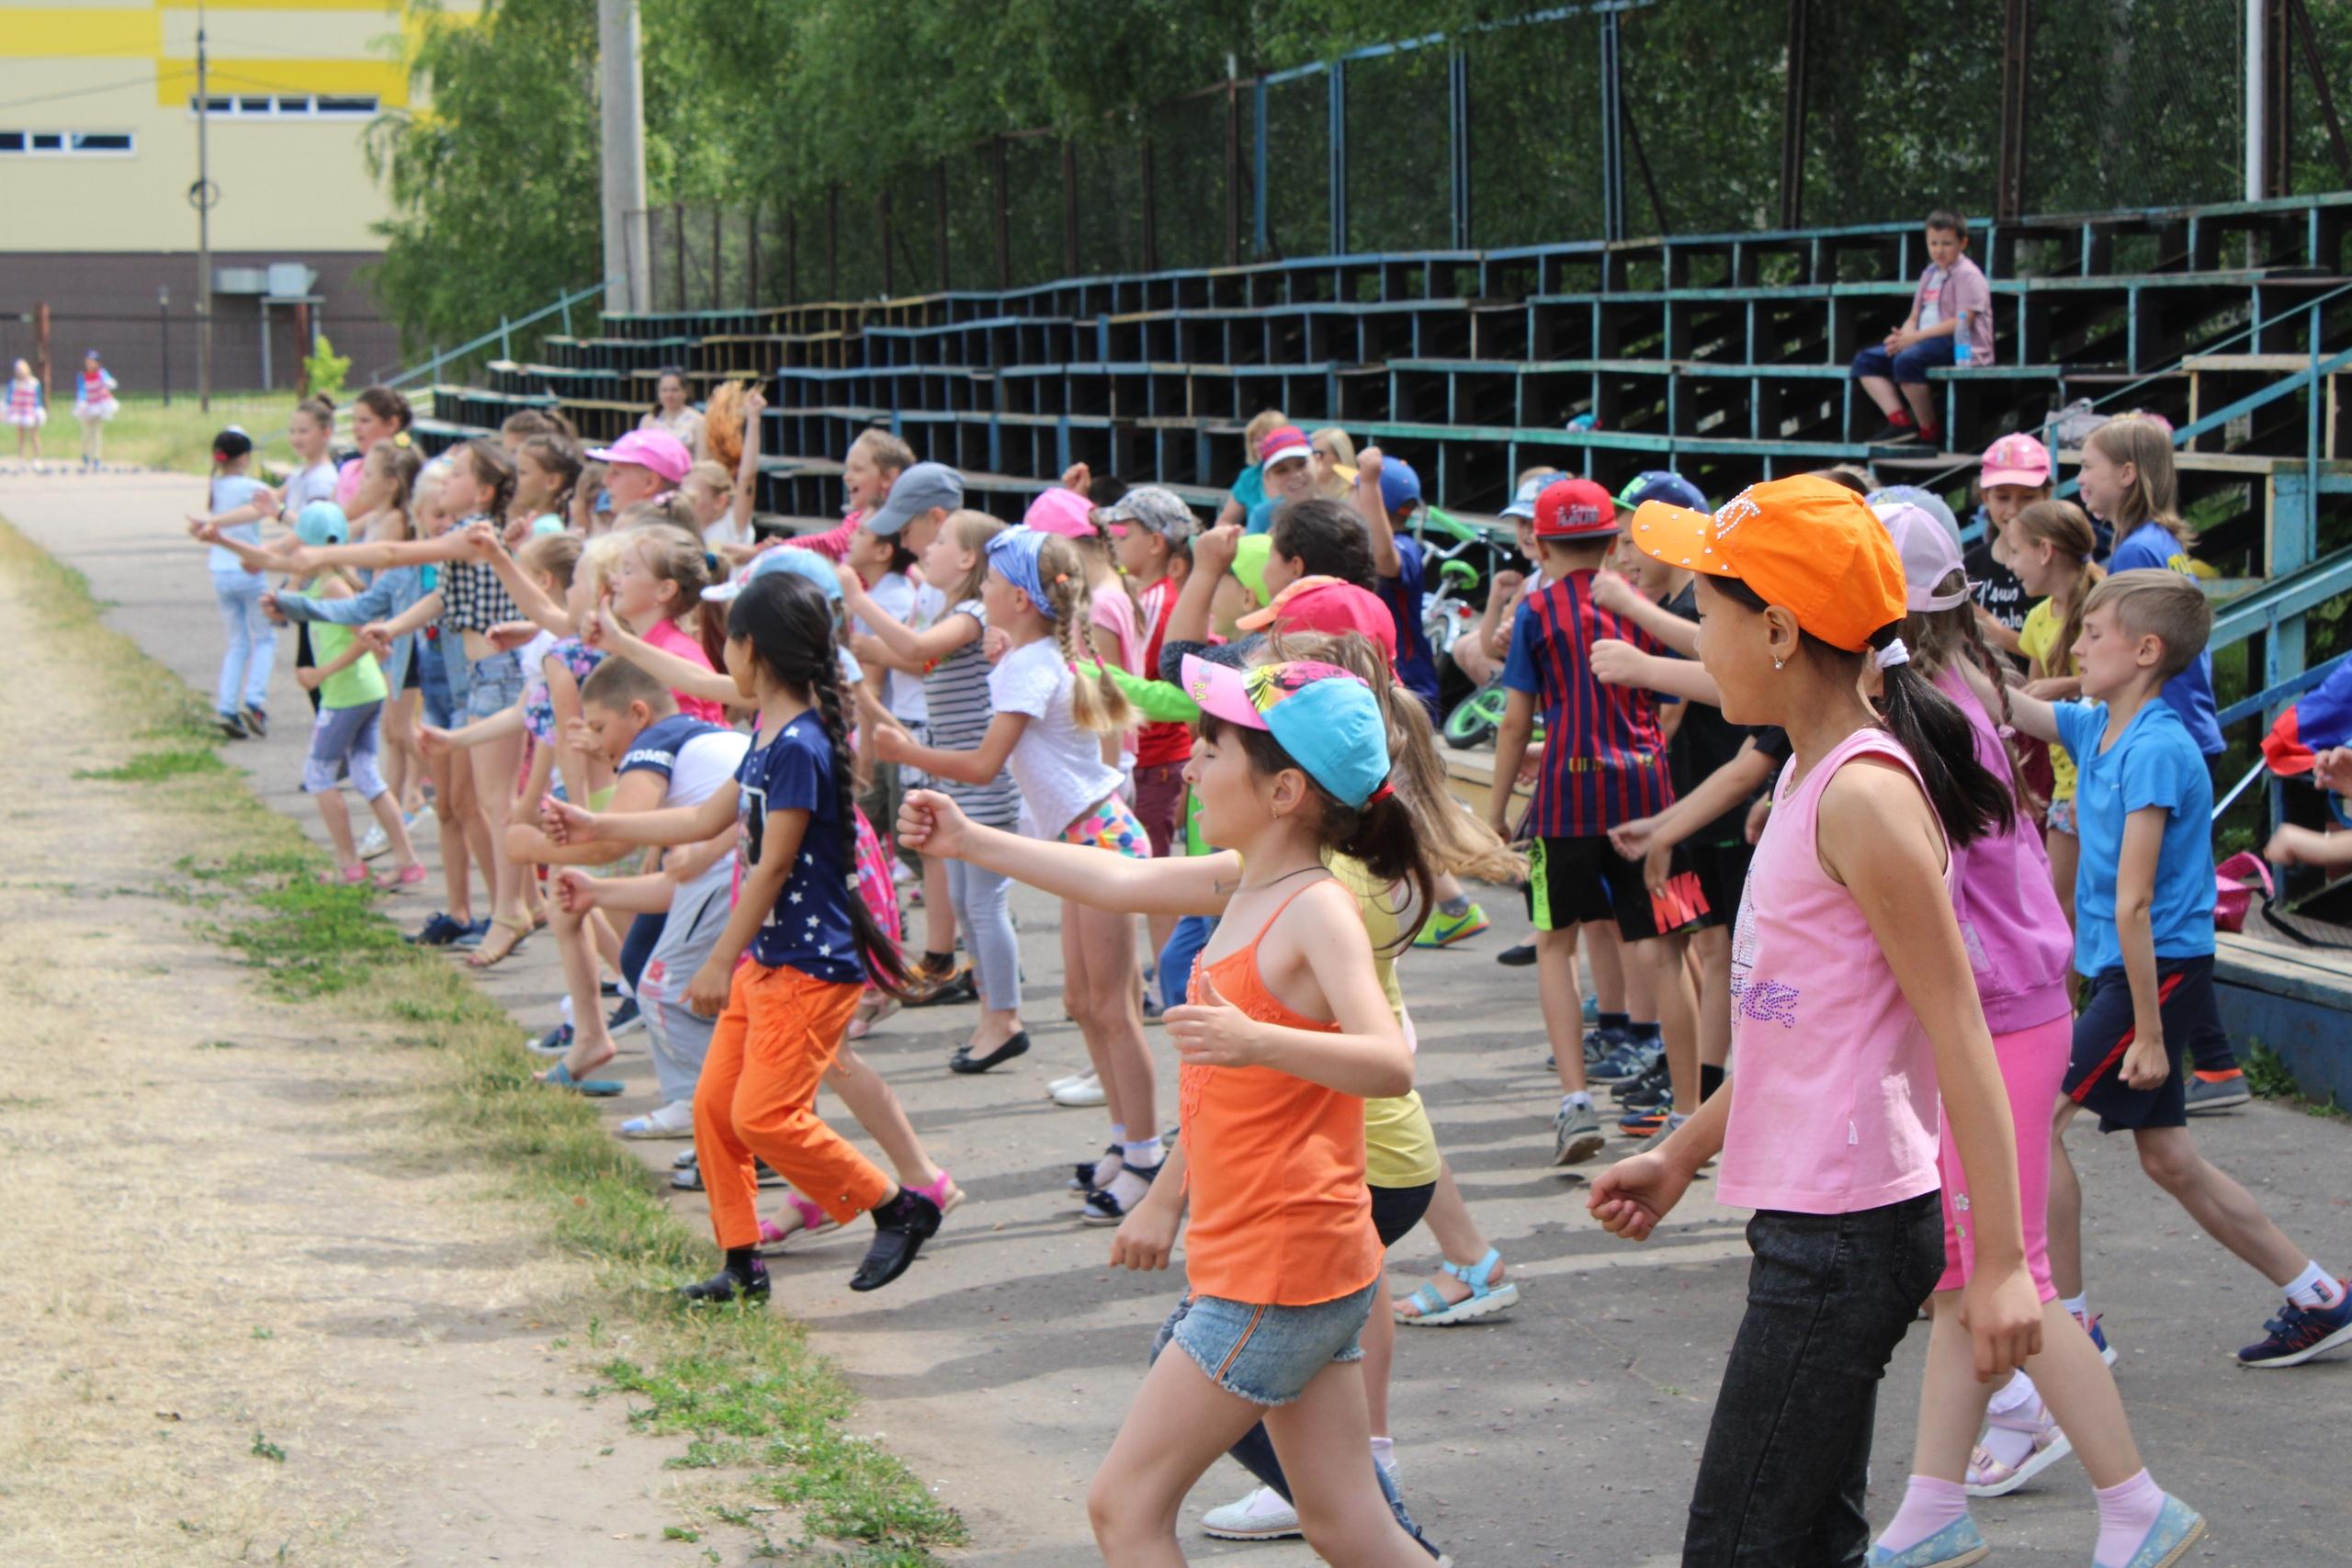 26 июня на городском стадионе для ребят, которые посещают летние школьные площадки, провели интерактивную игру